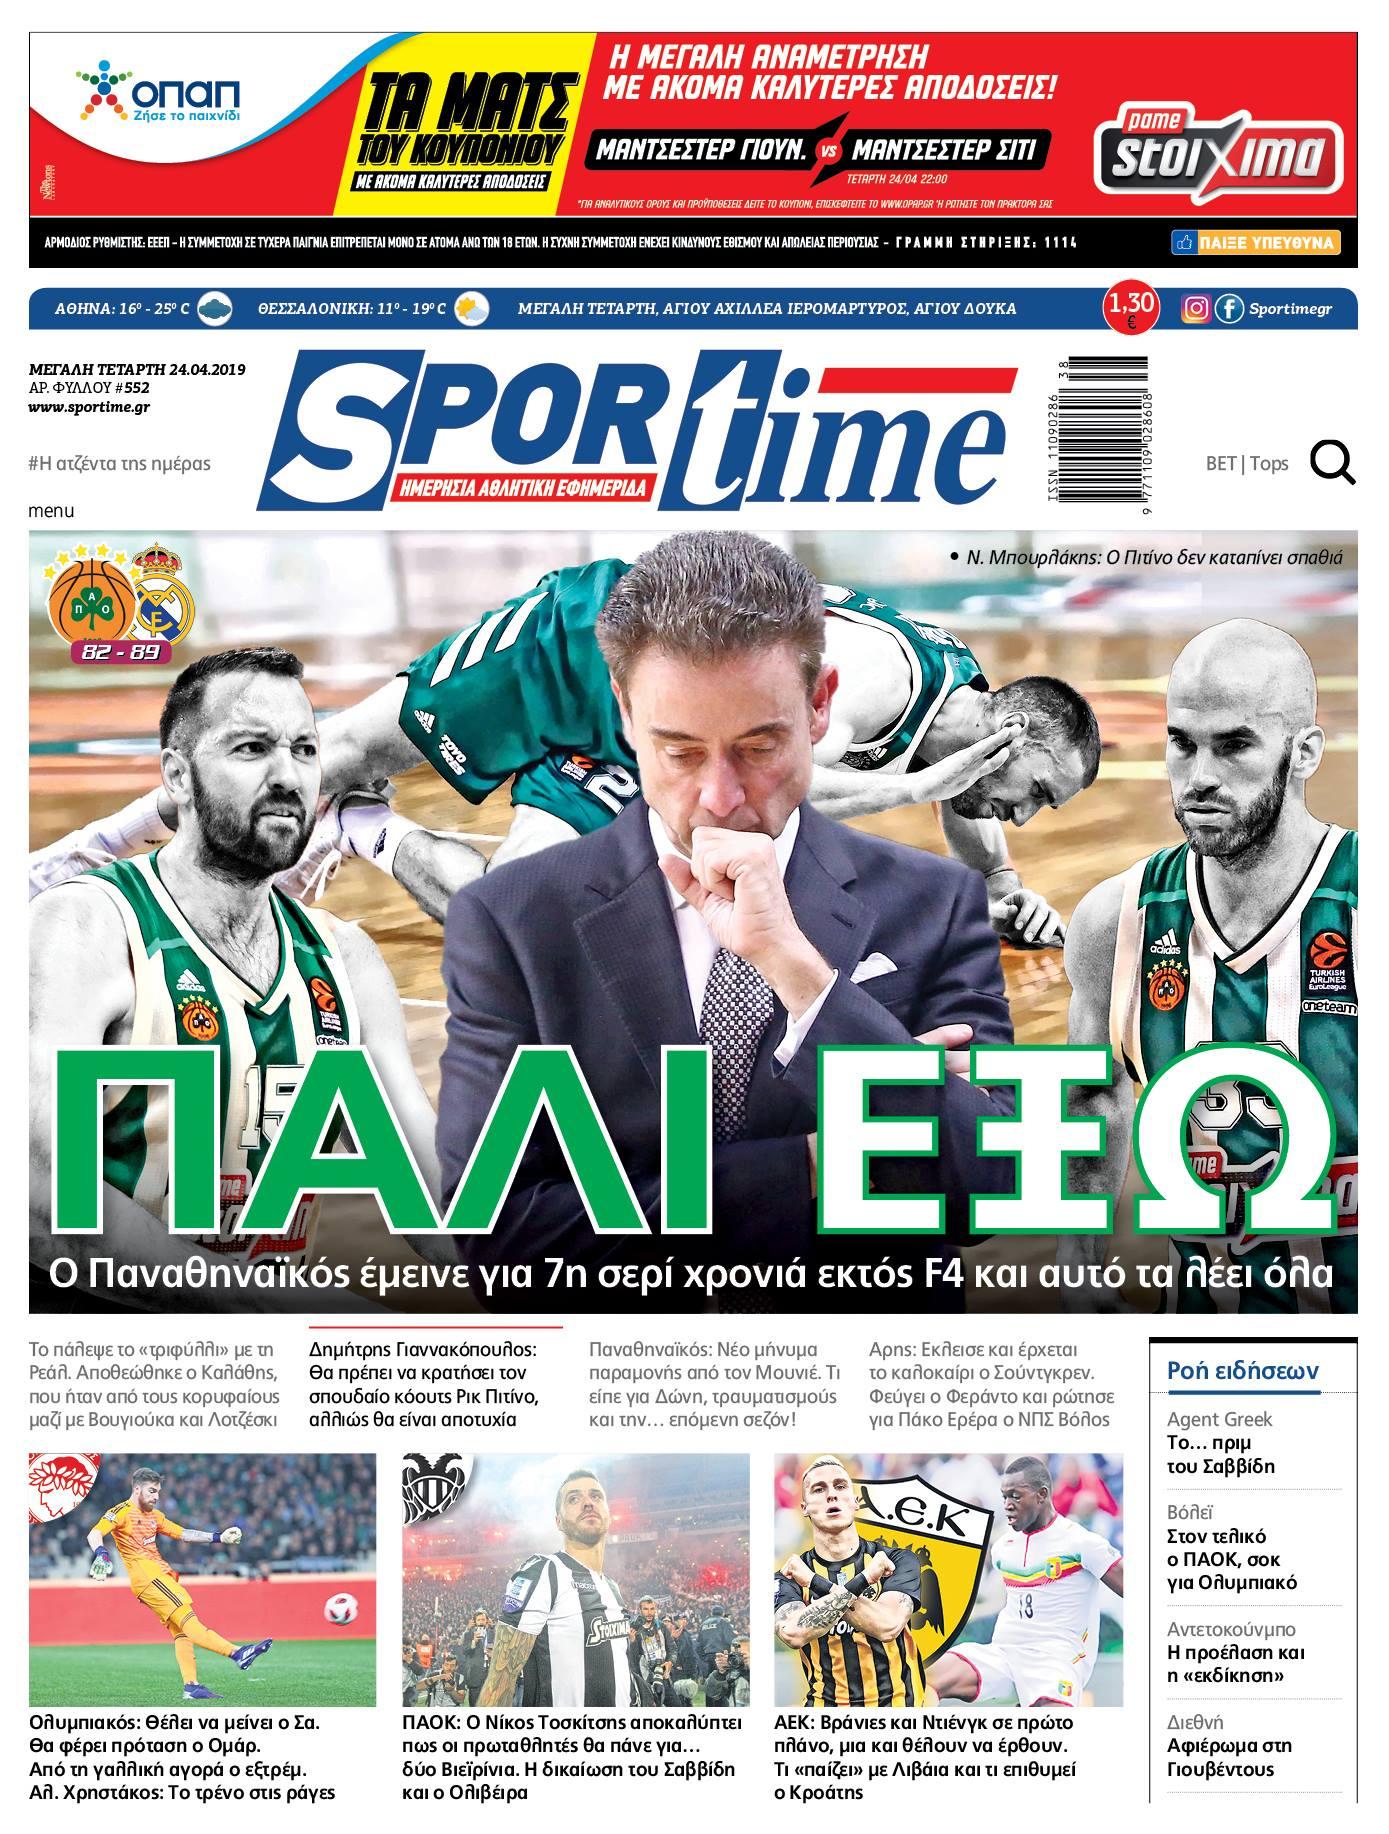 Εφημερίδα SPORTIME - Εξώφυλλο φύλλου 24/4/2019